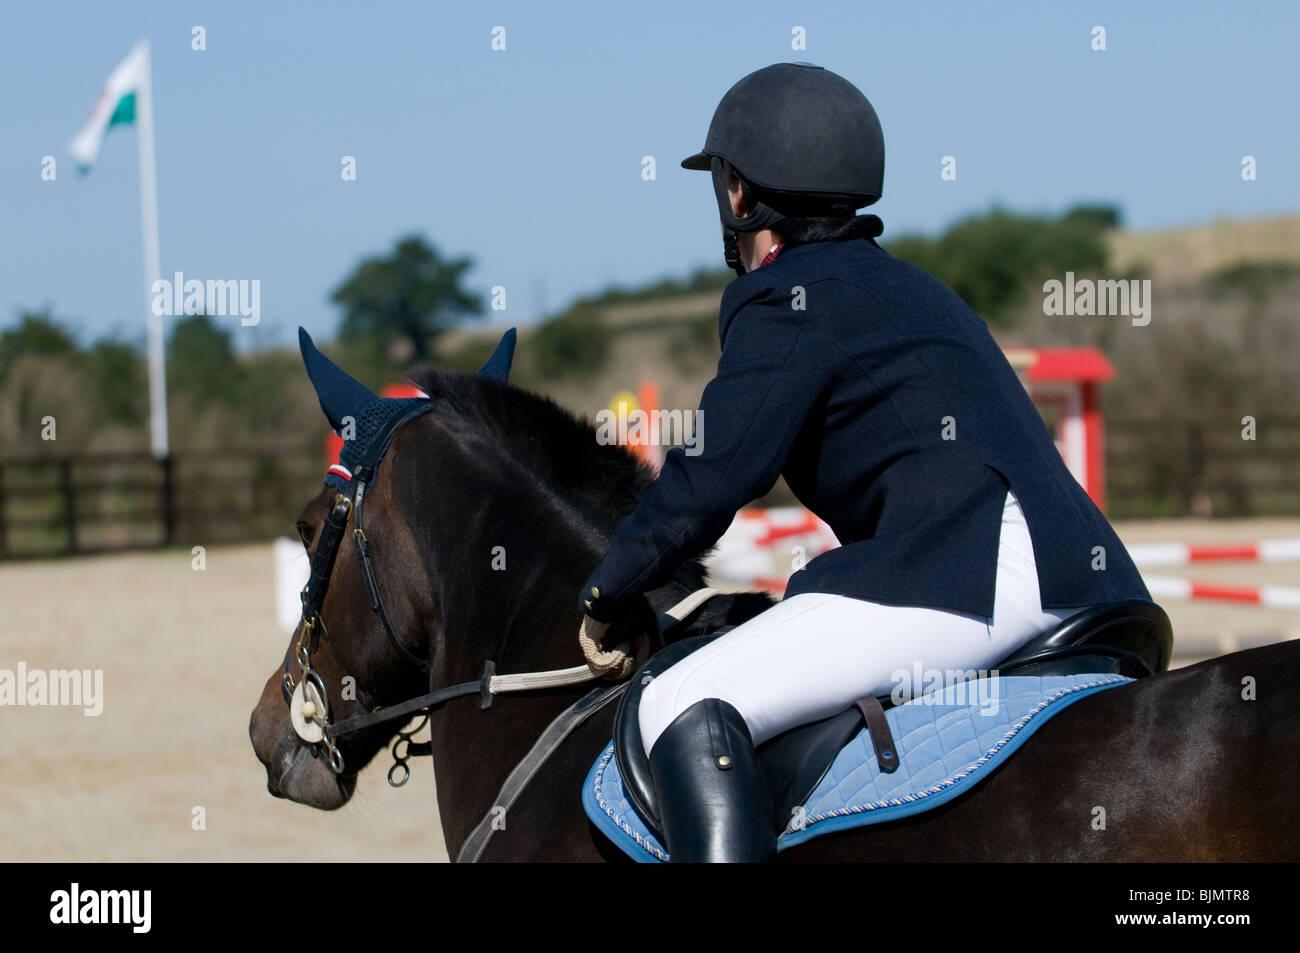 Horse Rider à au parcours d'equitation Photo Stock